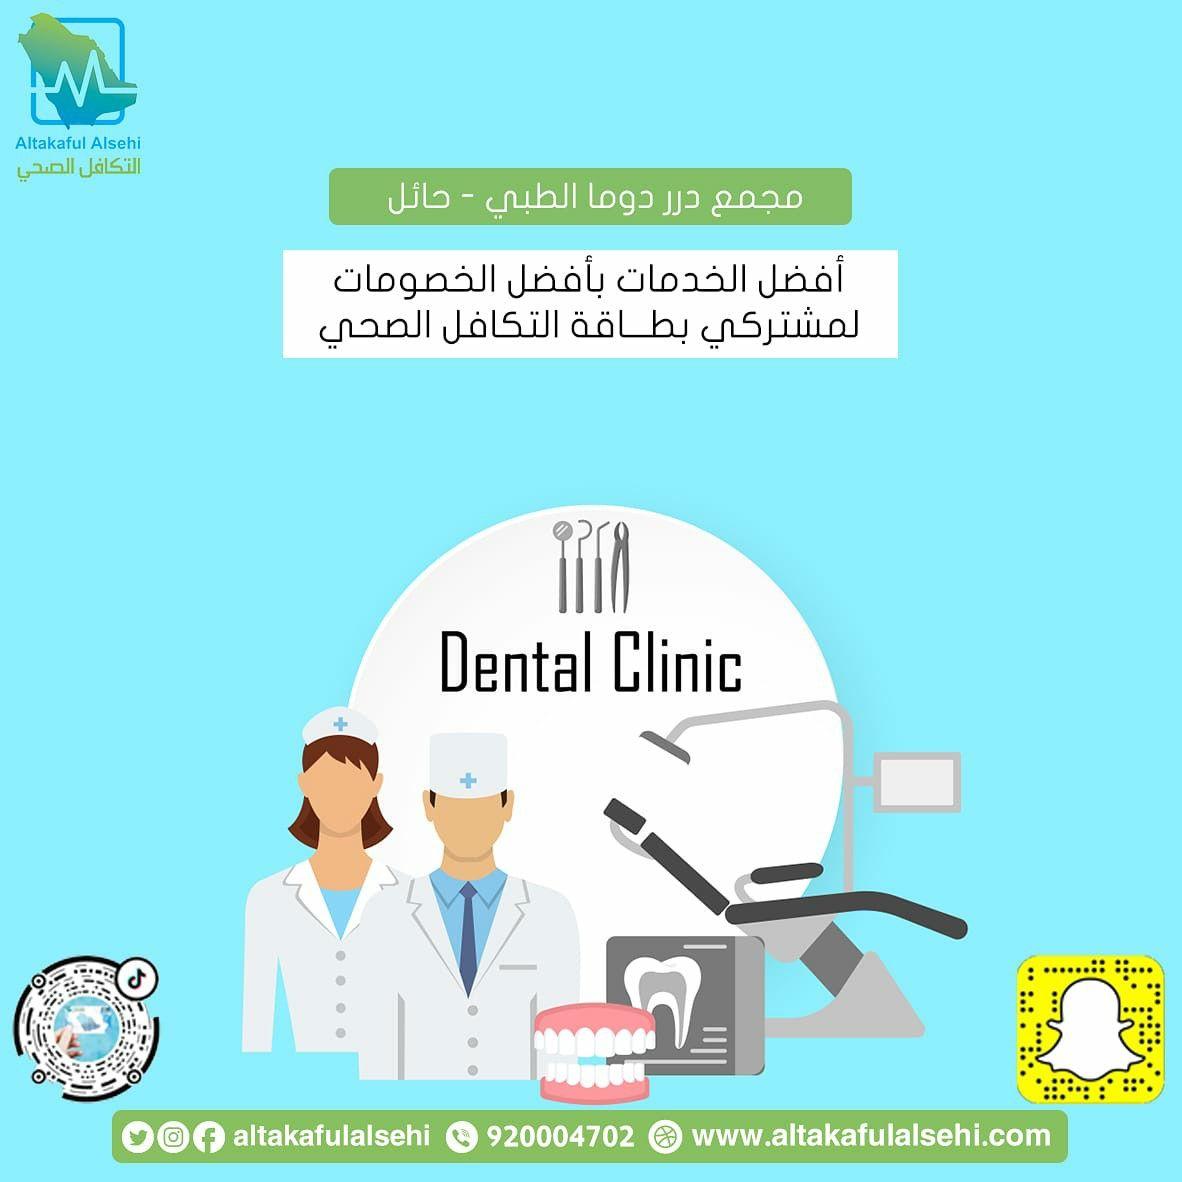 حافظ على قوة أسنانك بزيارة مجمع درر دوما الطبي في حائل واحصل على خصومات مميزة على بطاقة التكافل الصحي Https Bit Ly 3czrbmv أسن In 2021 Dental Clinic Clinic Dental